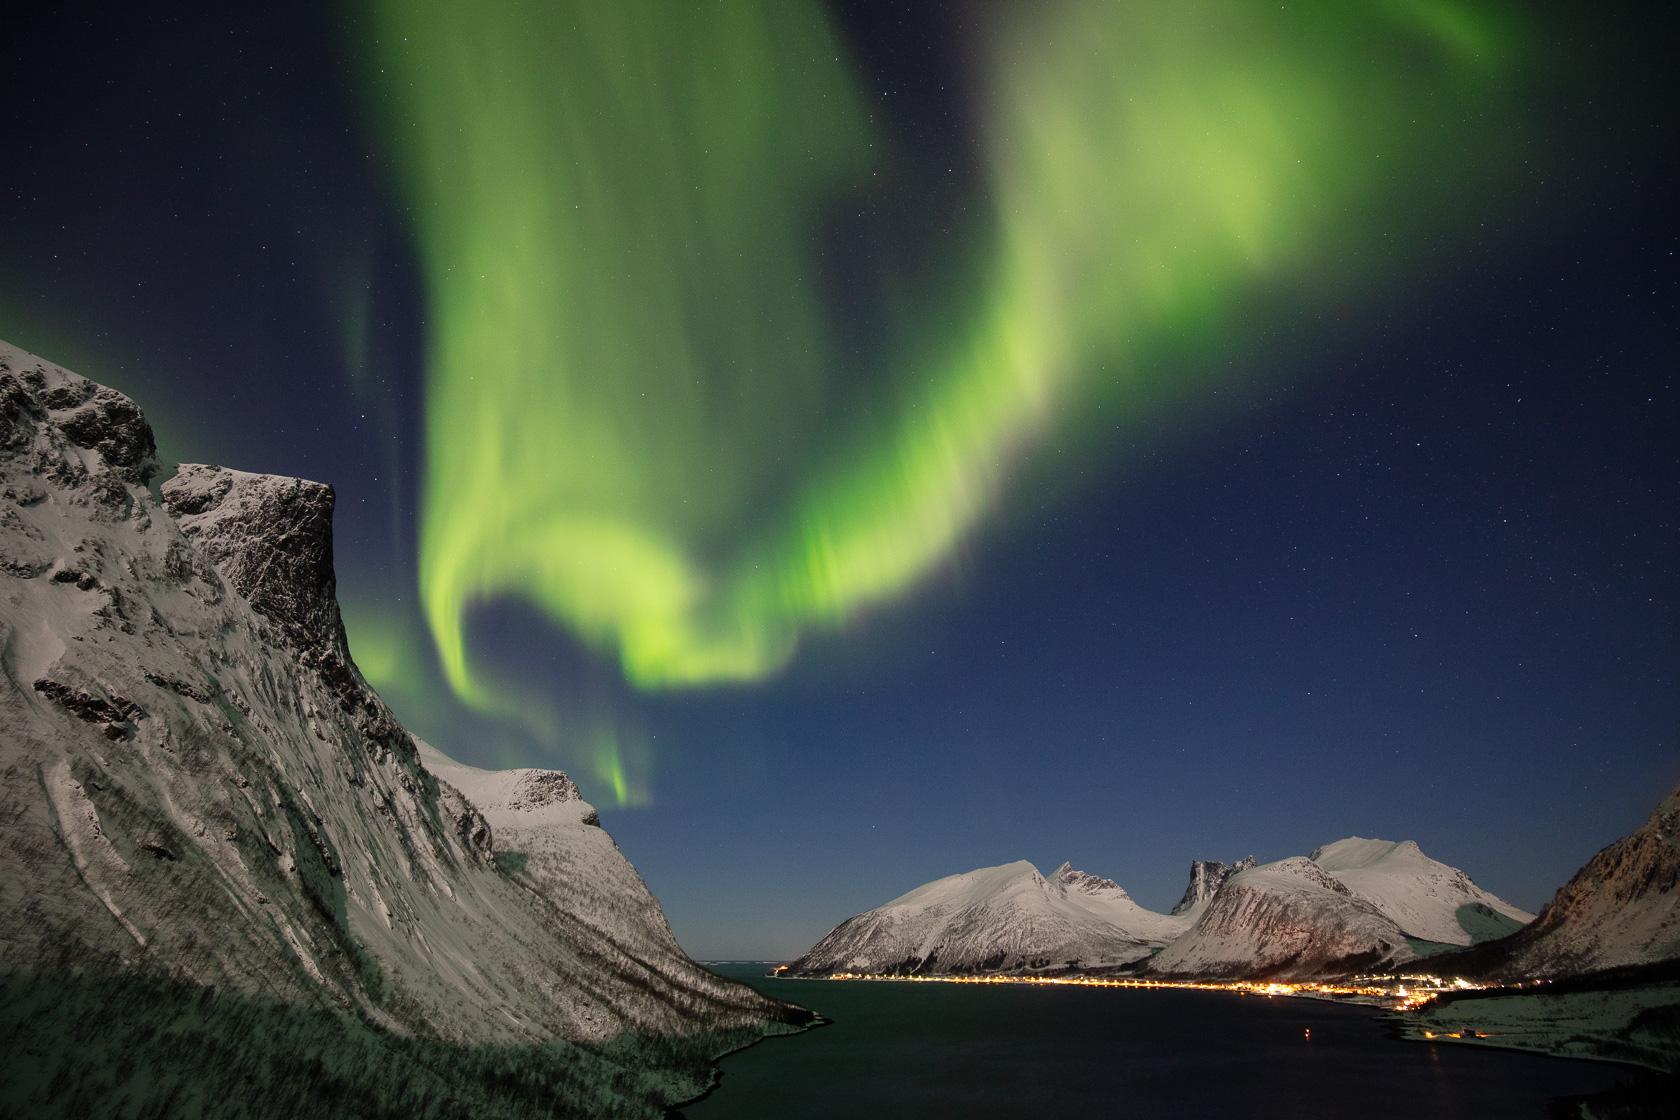 aurore boréale sur Bergsbotn, dans l'île de Senja, lors d'un voyage photo en Norvège